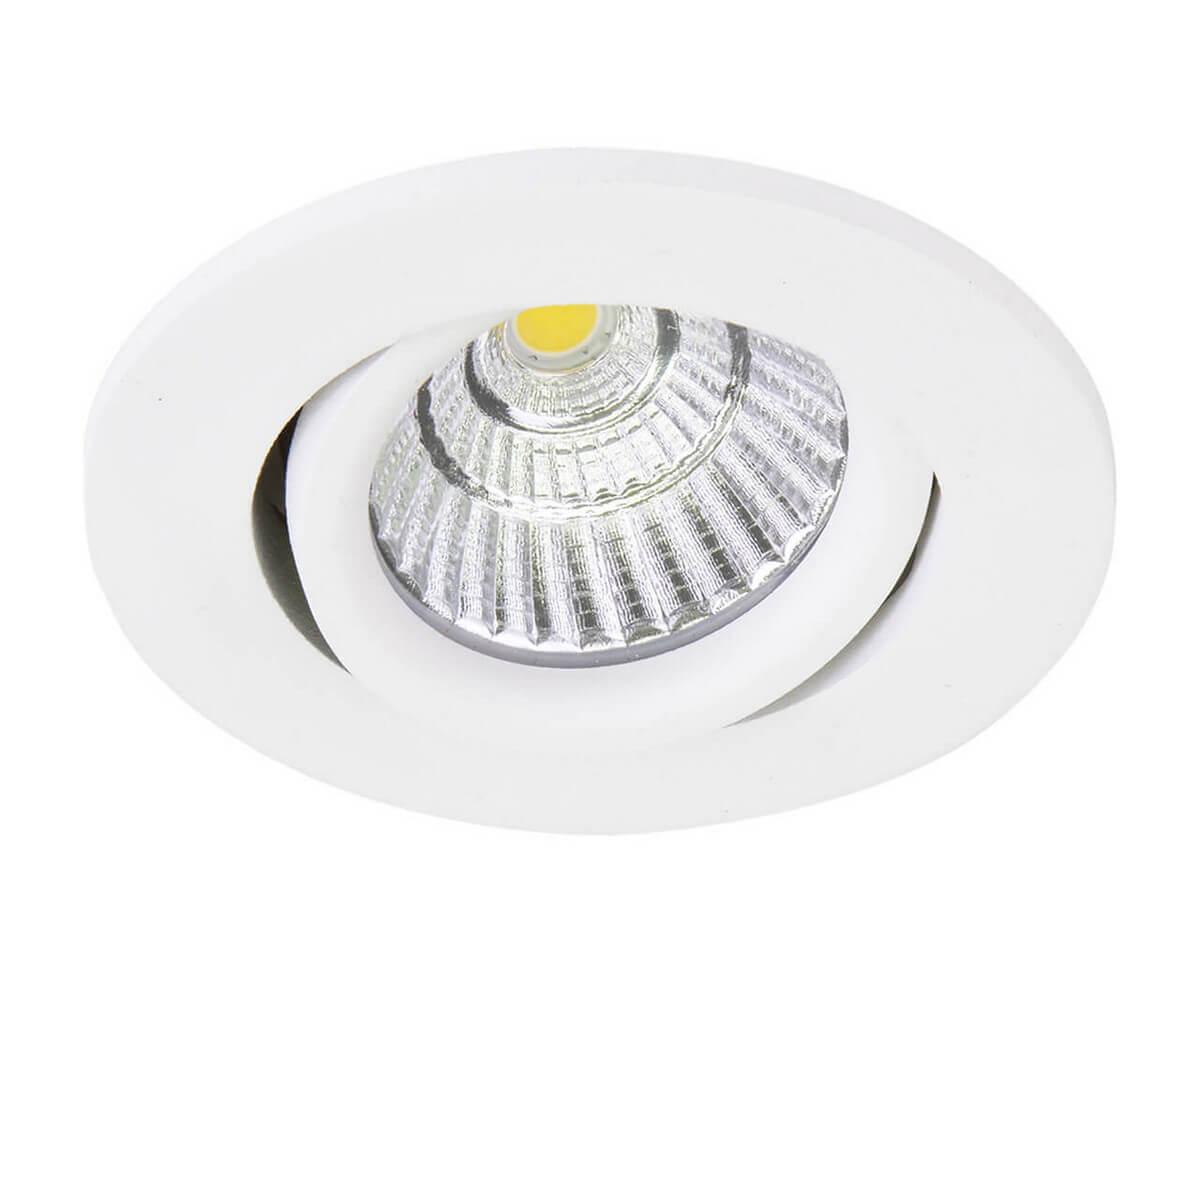 Встраиваемый светильник Lightstar Soffi 16 212436 цена в Москве и Питере